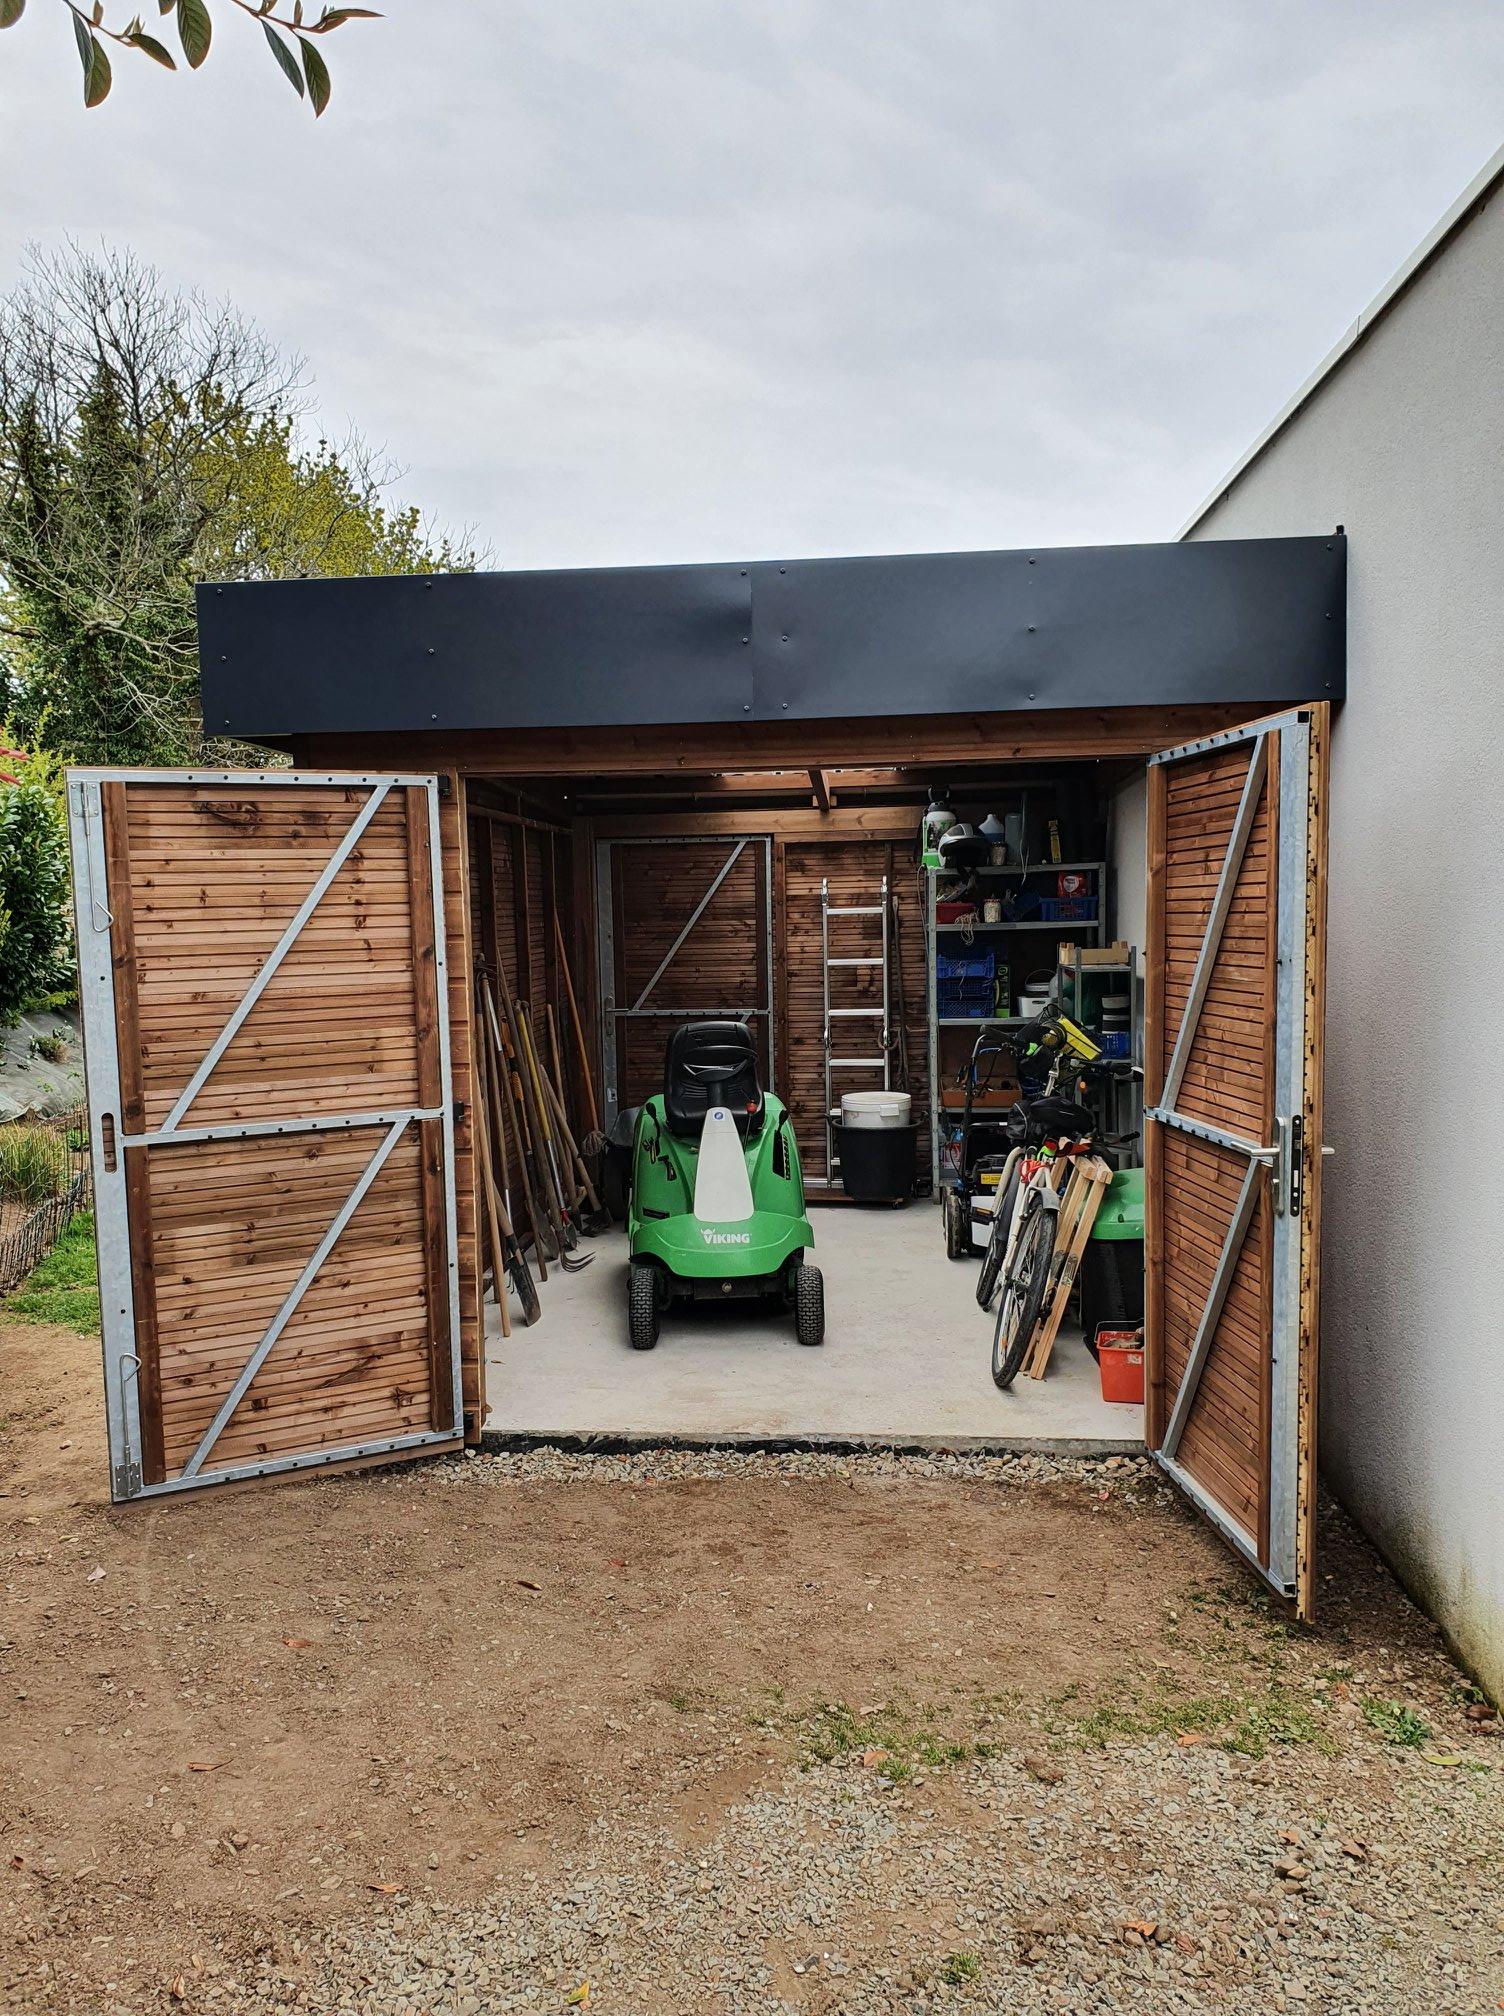 1626336155 750 Realisation dun abri sur mesure Realisation de l - Réalisation d'un abri sur mesure. Réalisation de l...